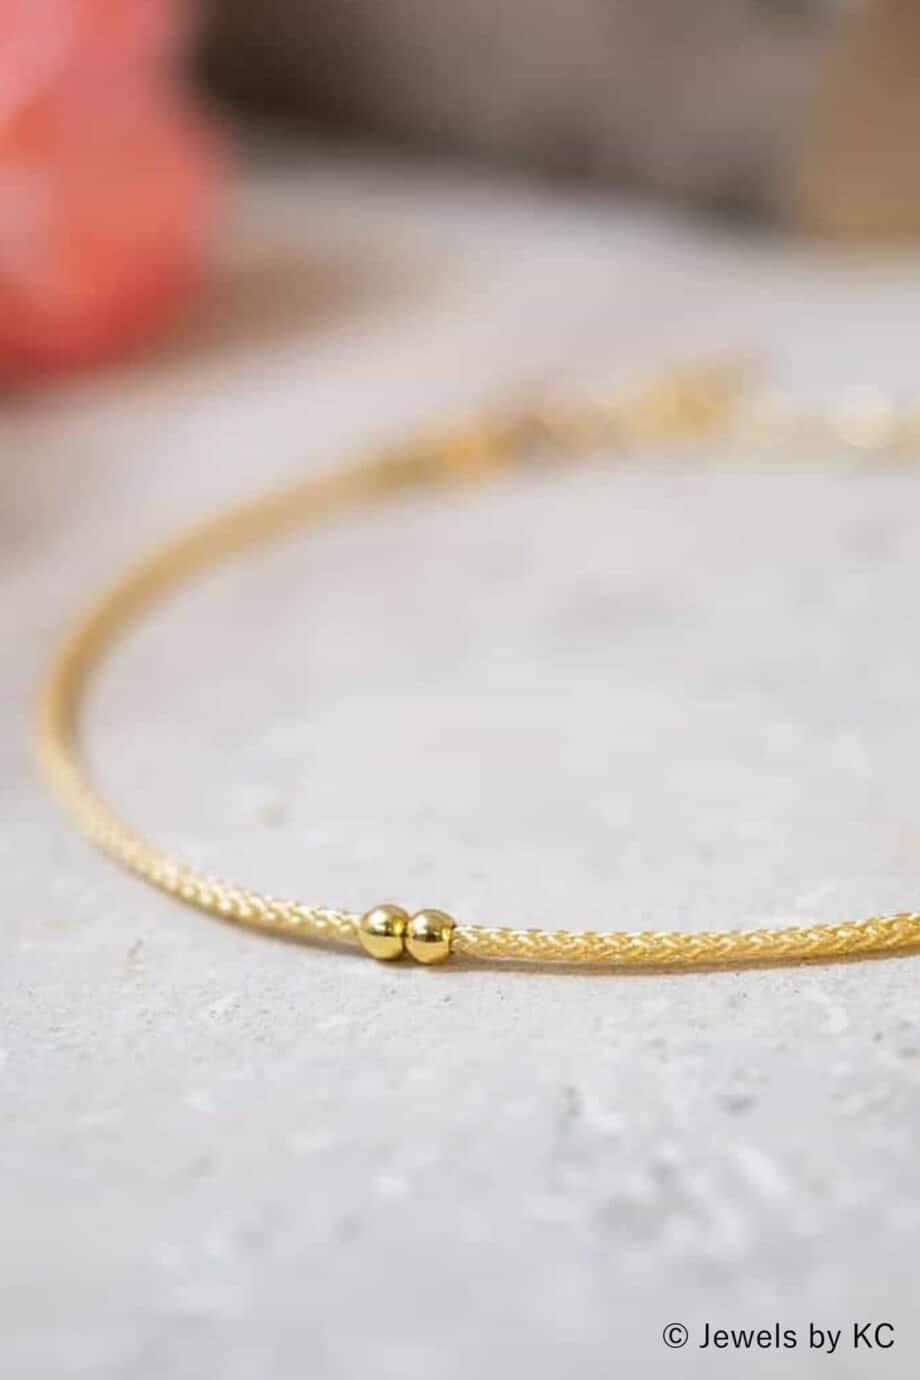 Dun-creme-koord-armbandje-Blanco-met-Gouden-kraaltjes-Goud-op-Zilver